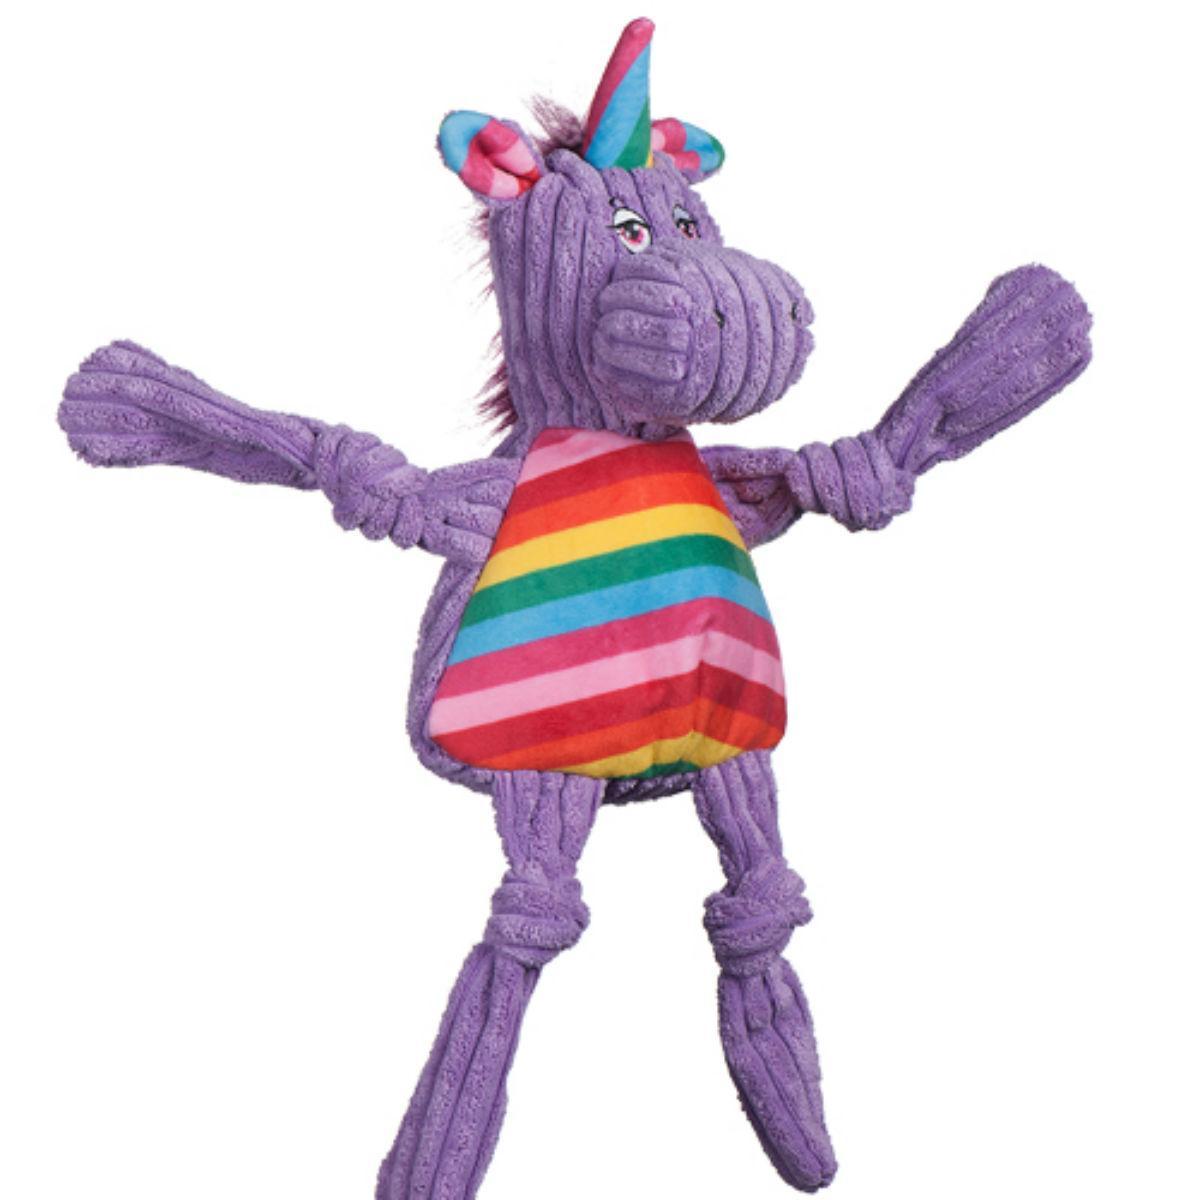 HuggleHounds Rainbow Knottie Dog Toy - Unicorn